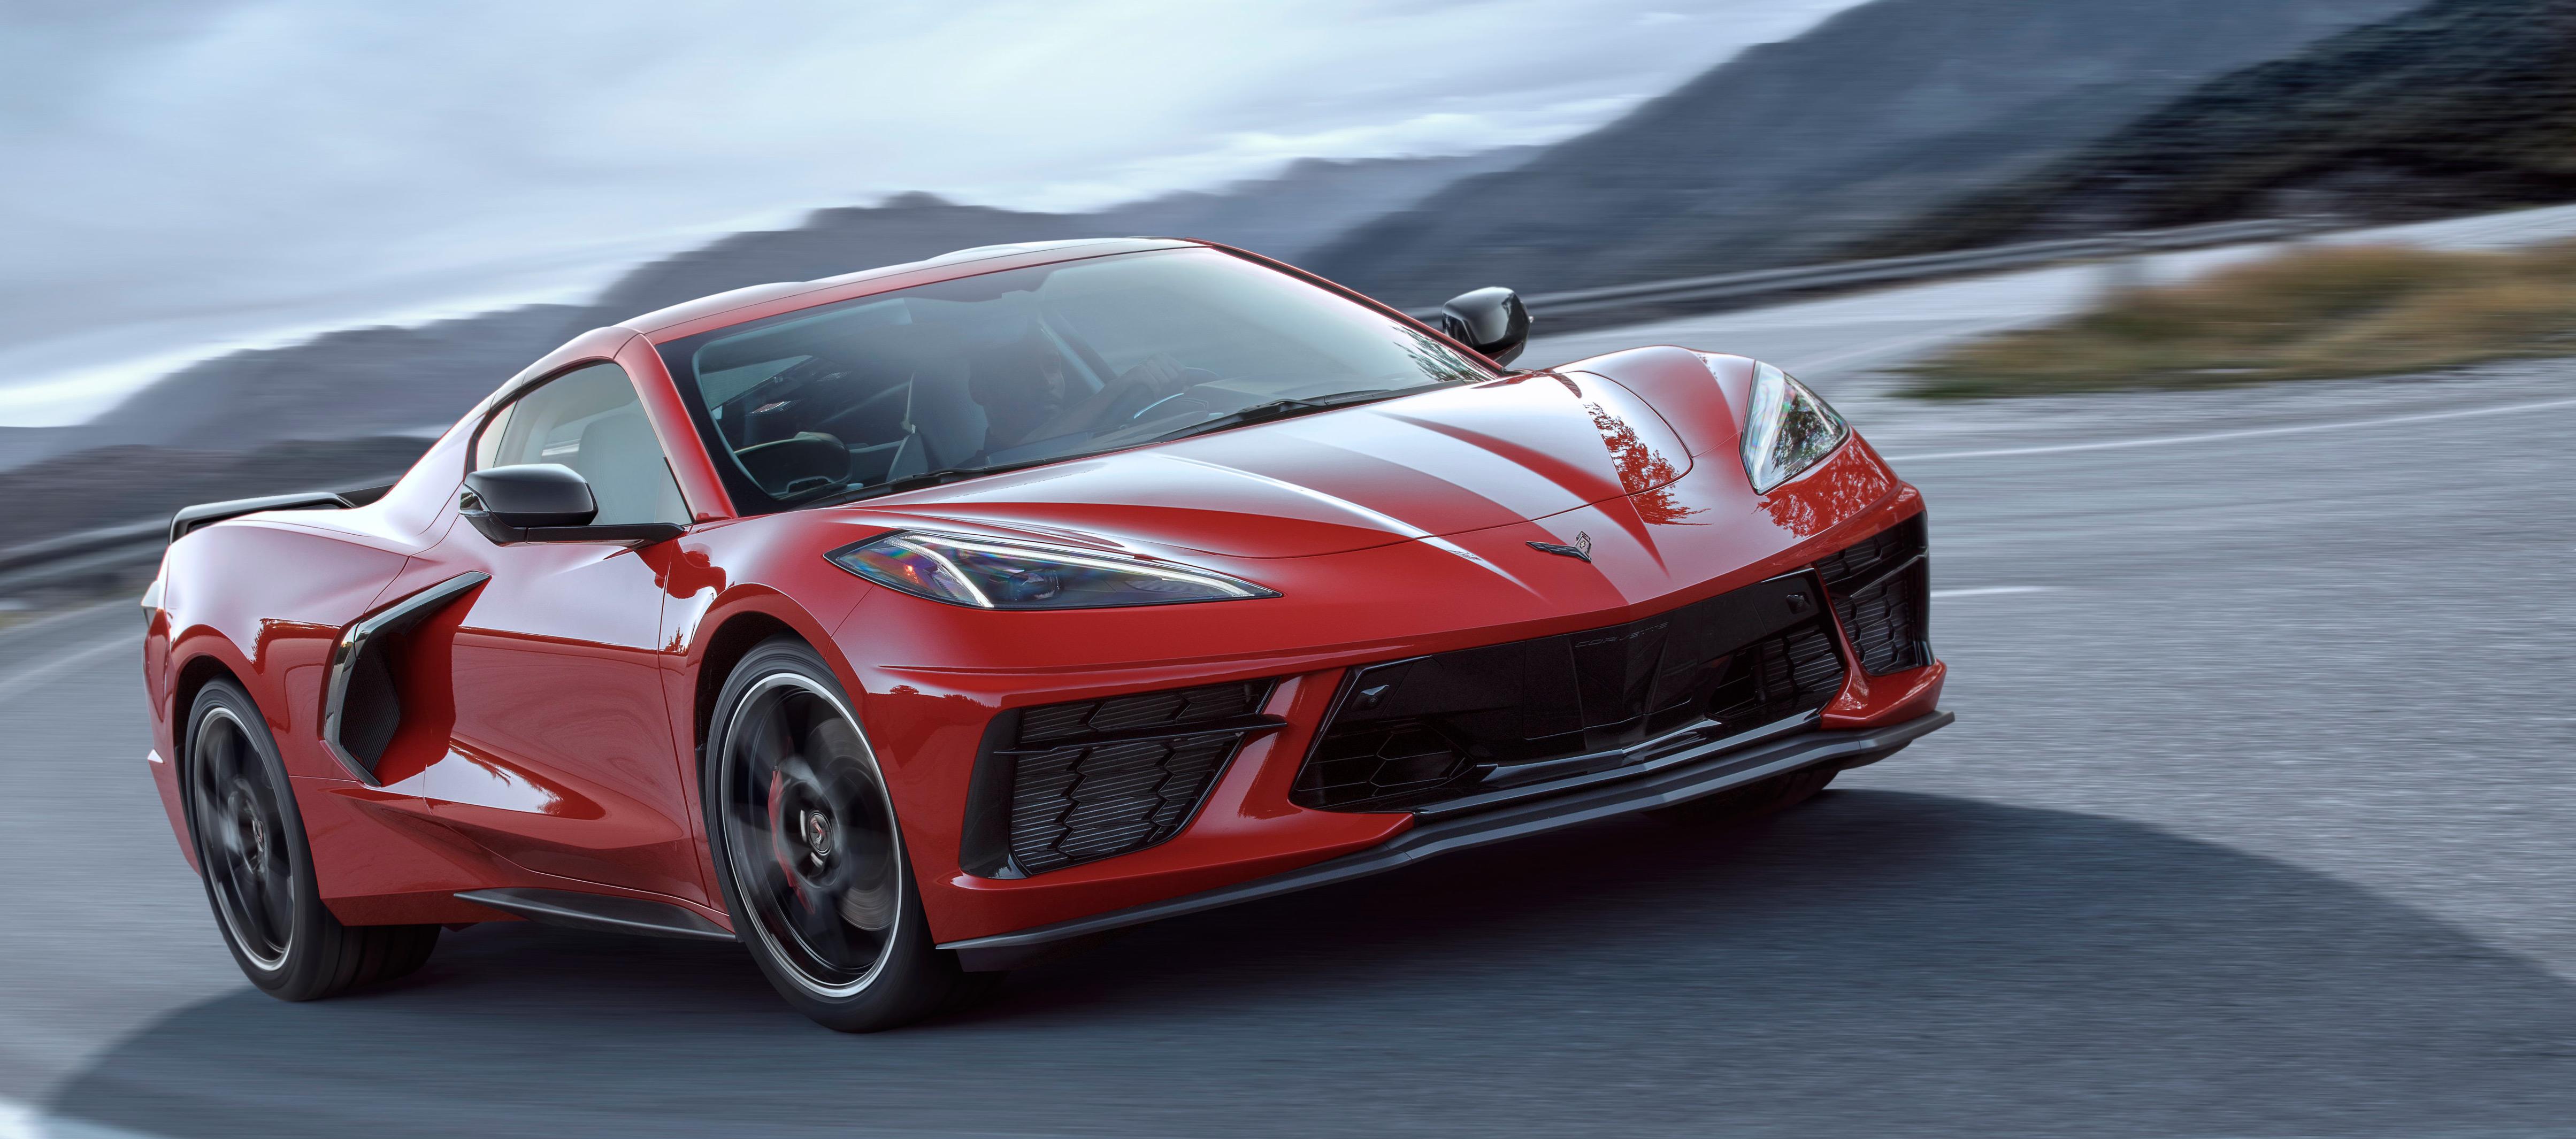 Chevrolet presenta al primer Corvette de motor centralChevrolet presenta al primer Corvette de motor central